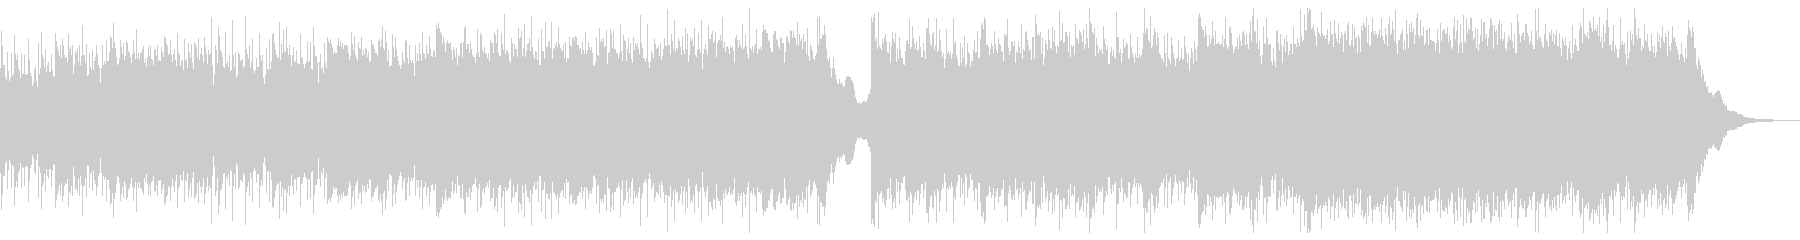 現代的 交響曲 クラシック アクテ...の未再生の波形